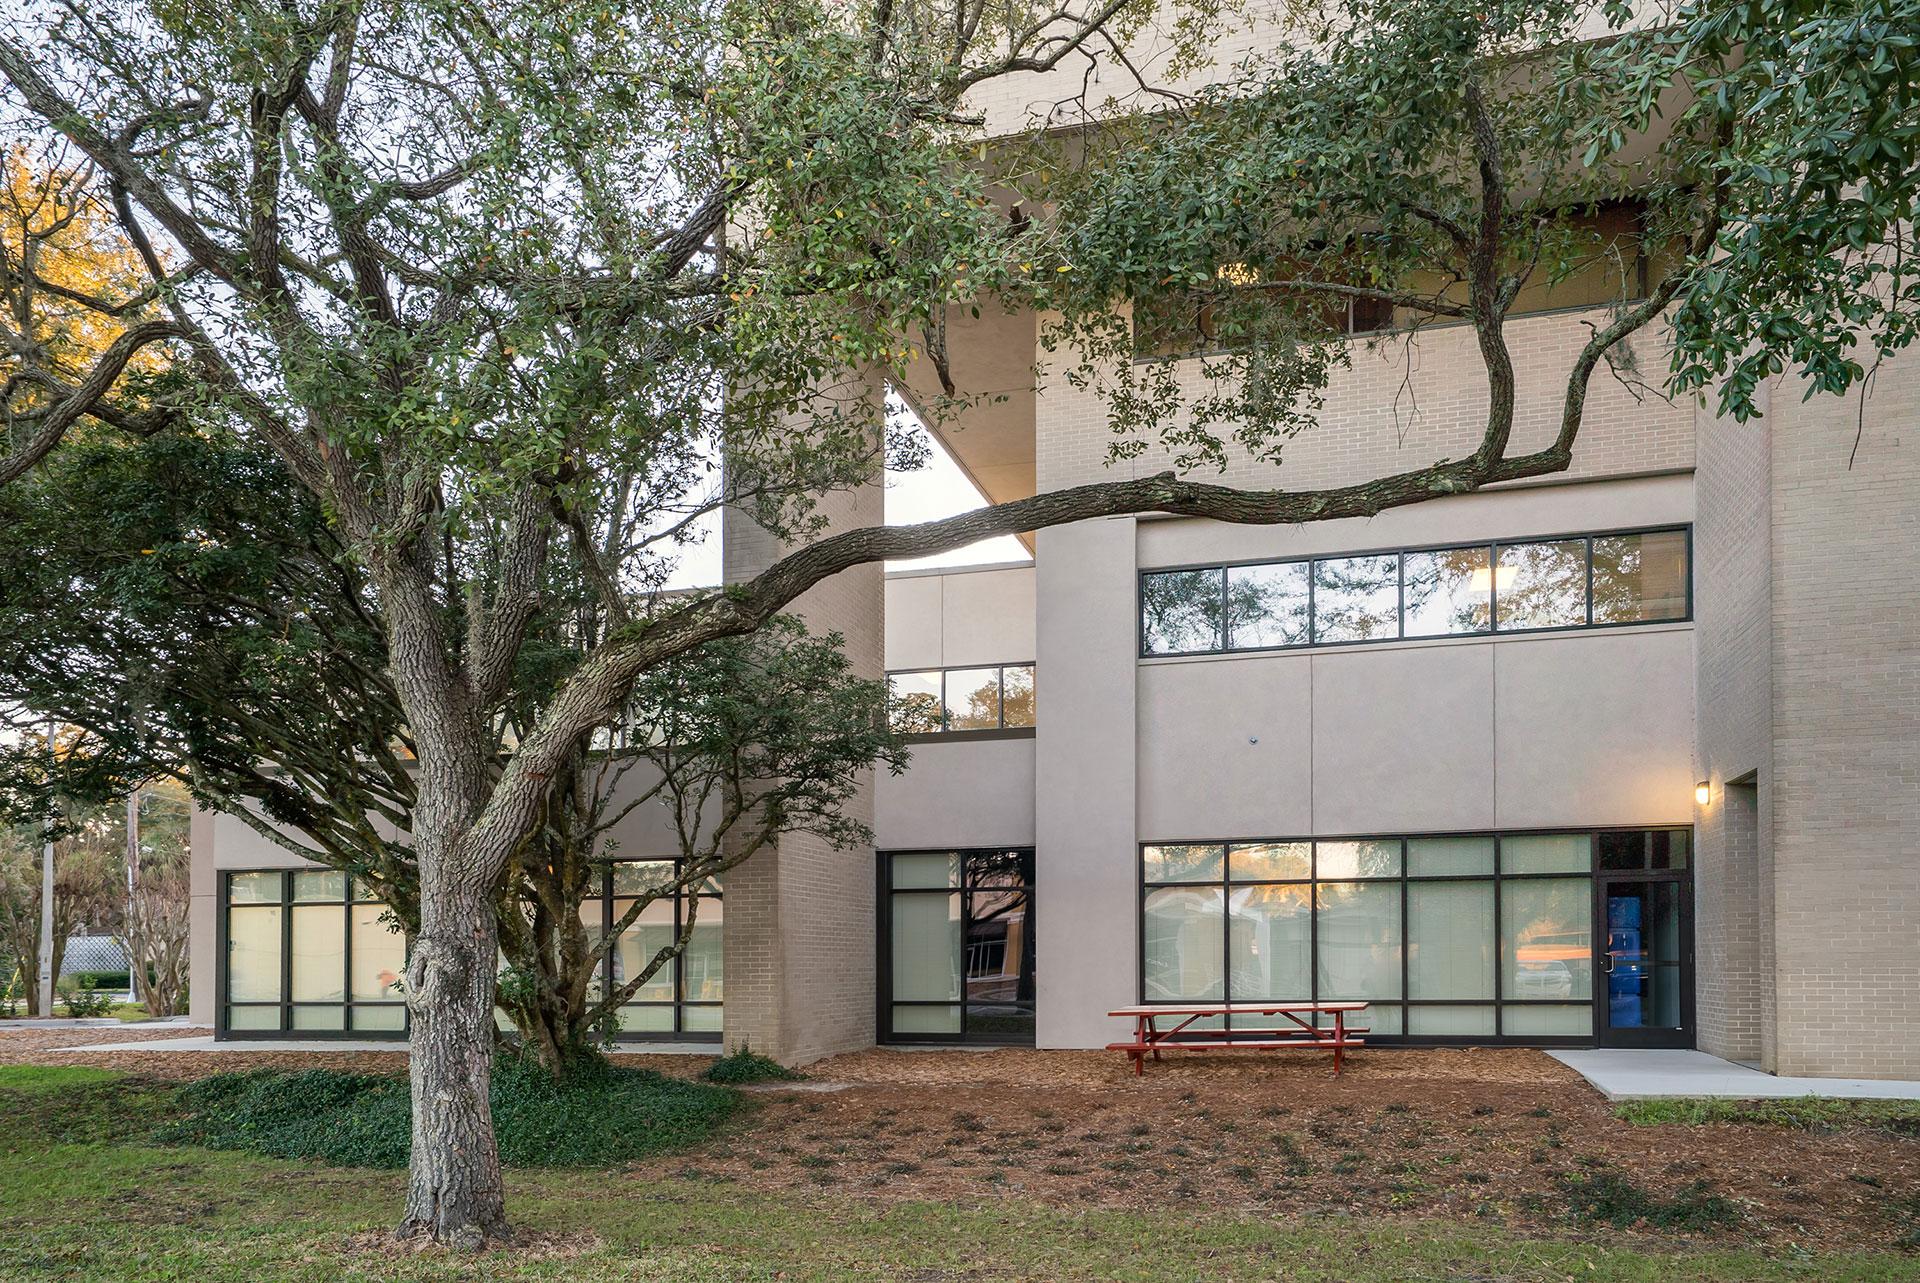 Gainesville Property Appraiser